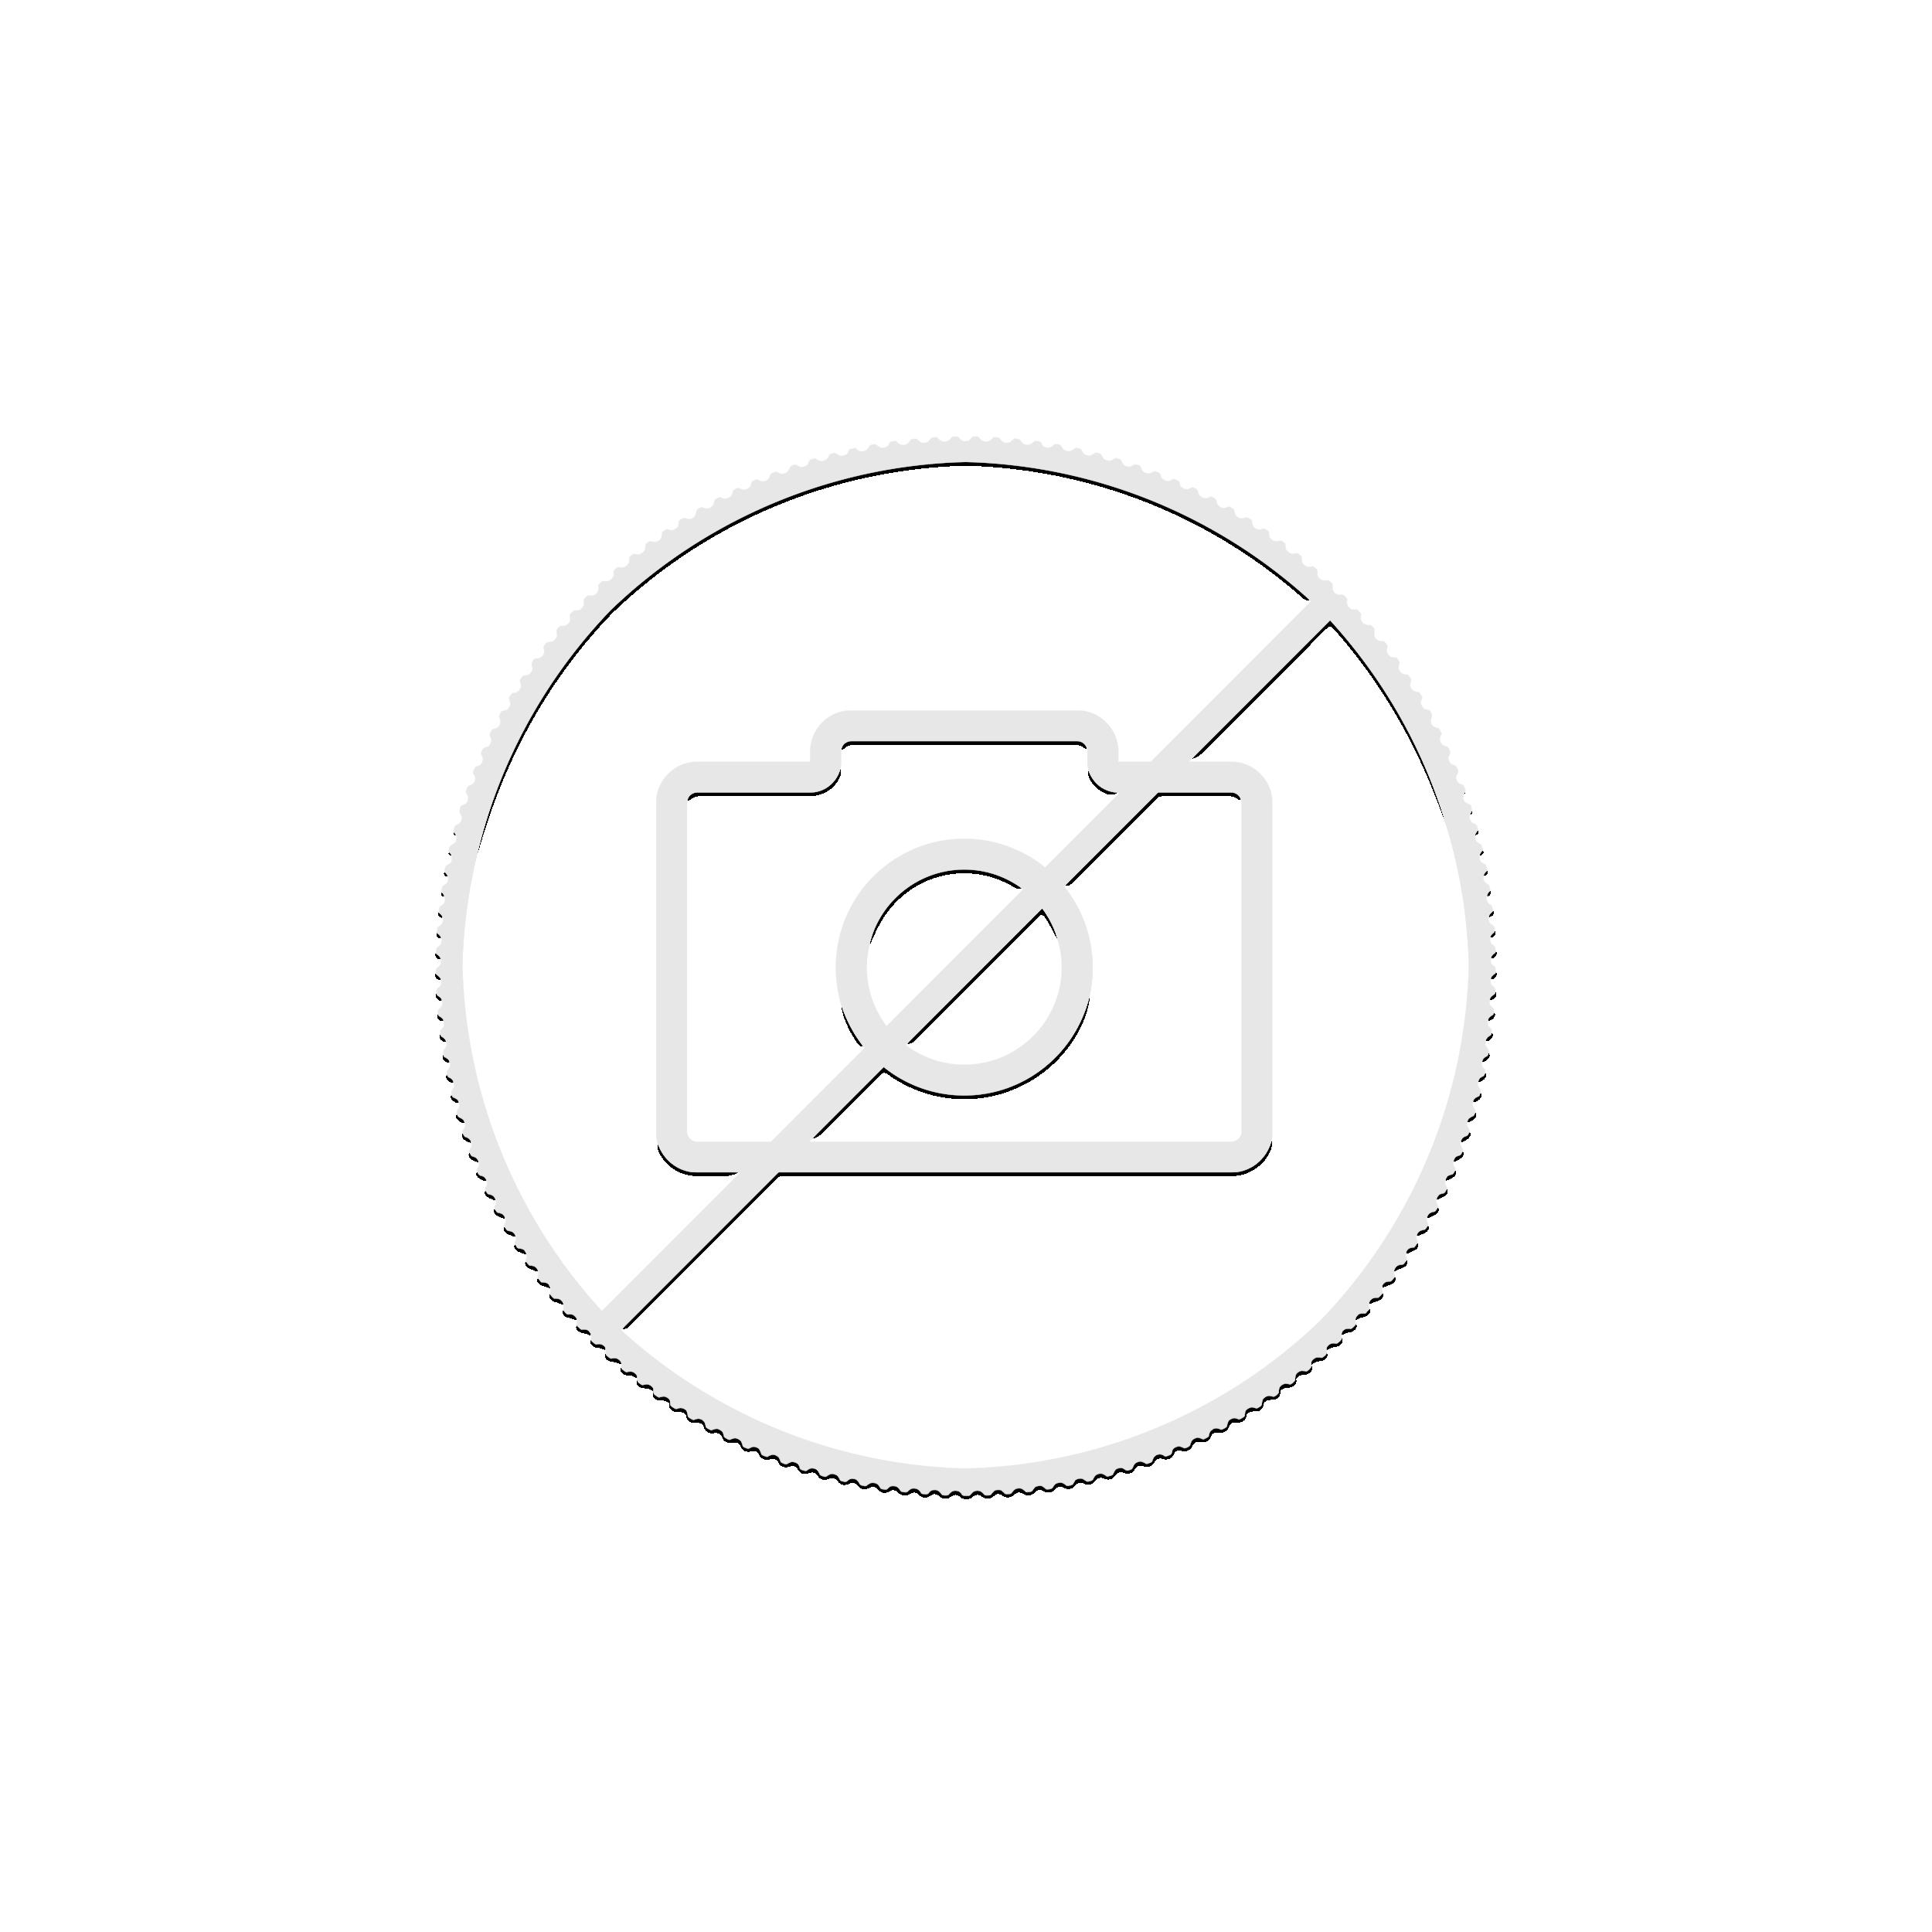 Schilderij Christus met doornen kroon 2020